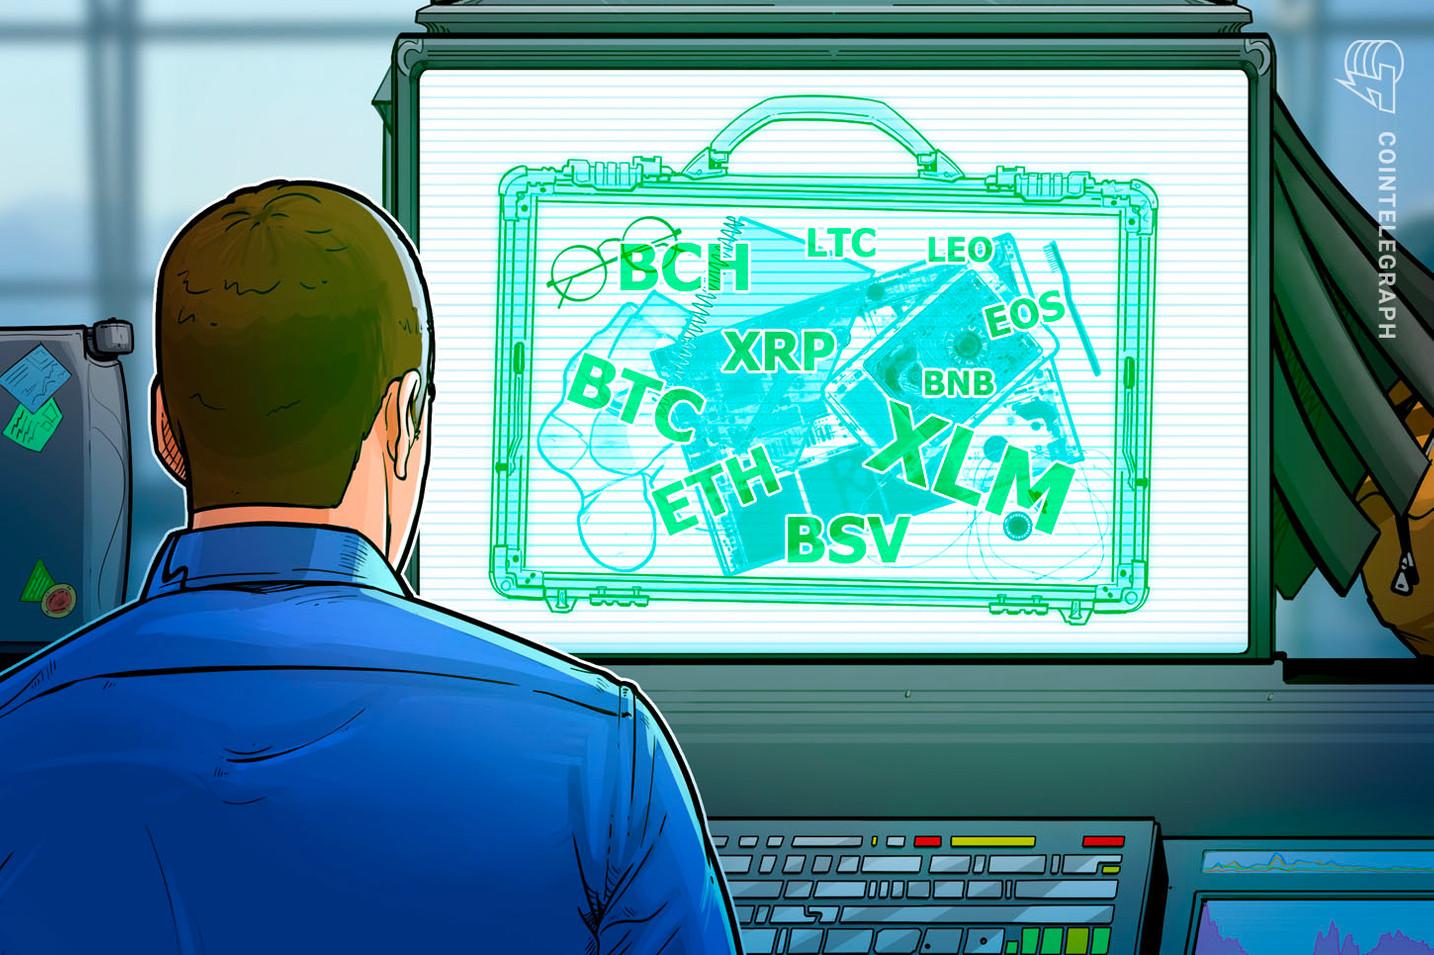 相場反発、上昇トレンドにつながるか 仮想通貨ビットコイン・イーサ・リップル(XRP)のテクニカル分析